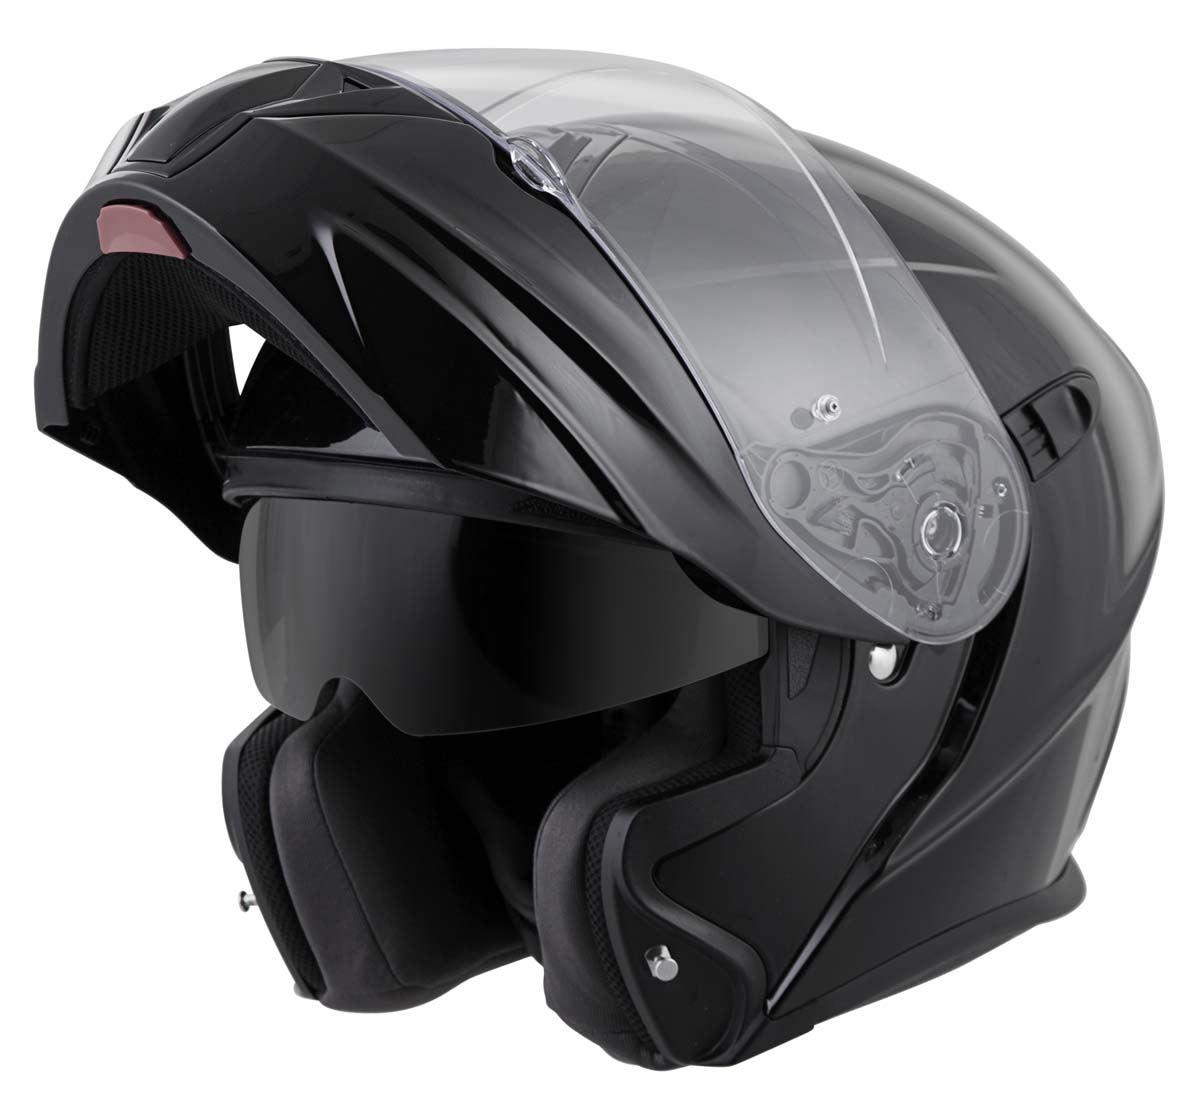 Scorpion-EXO-GT920-Helmet-Sport-Touring-Modular-Flip-Up-DOT-Approved-XS-3XL miniature 9